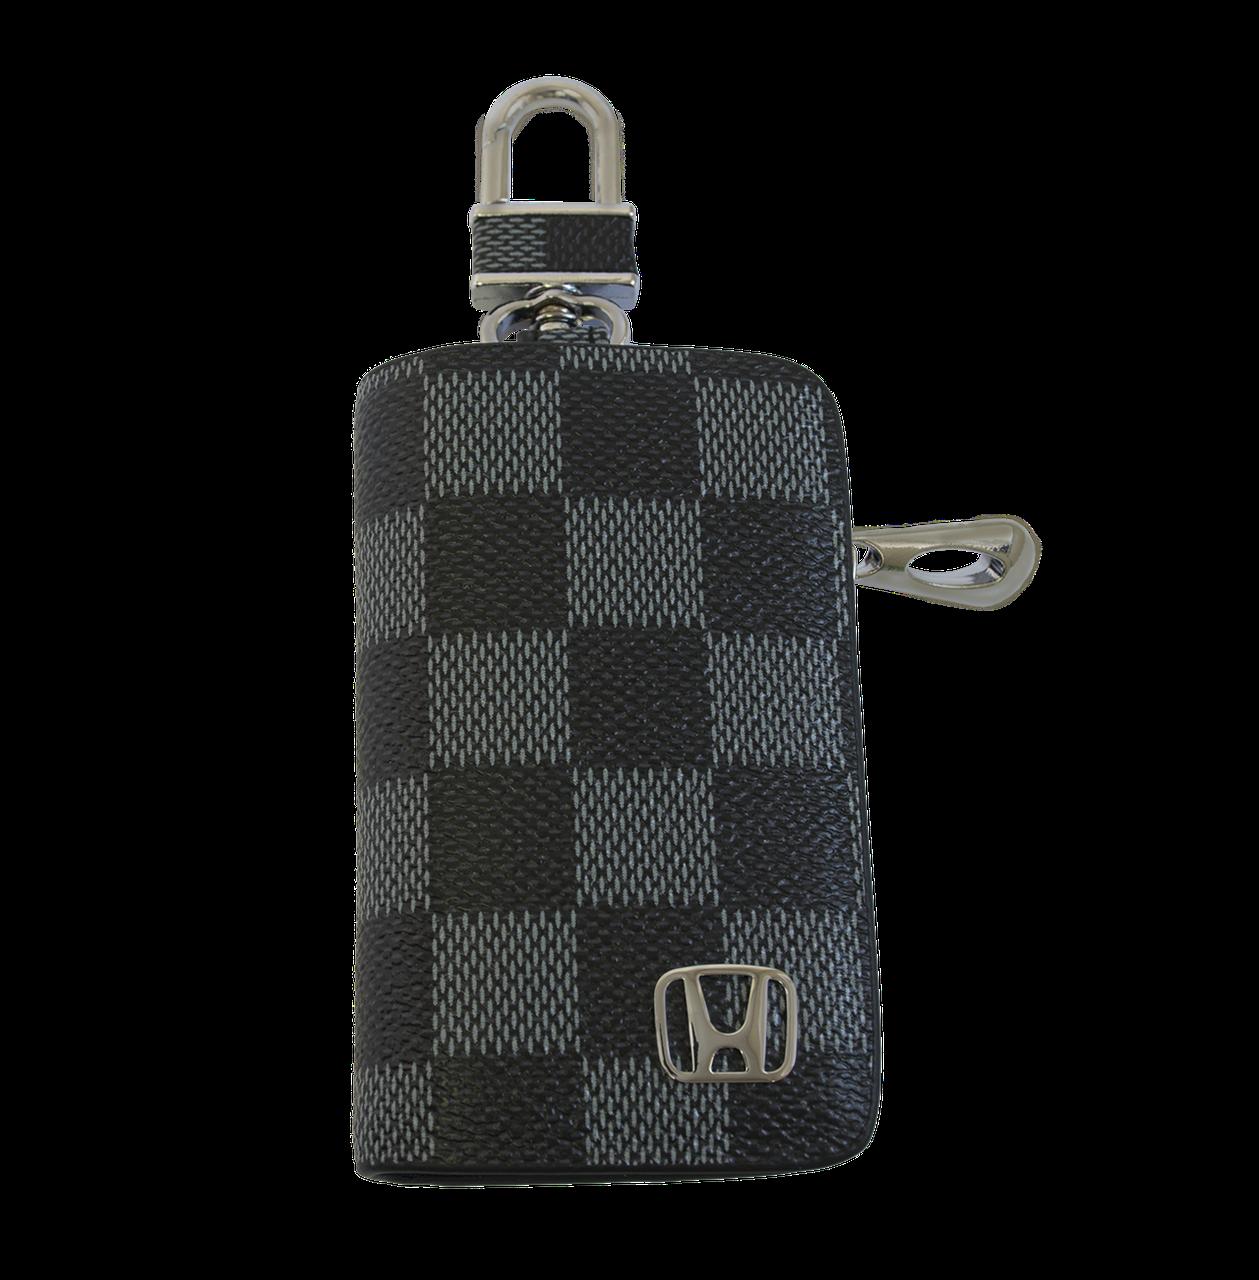 Ключница Carss с логотипом HONDA 08013 карбон серый